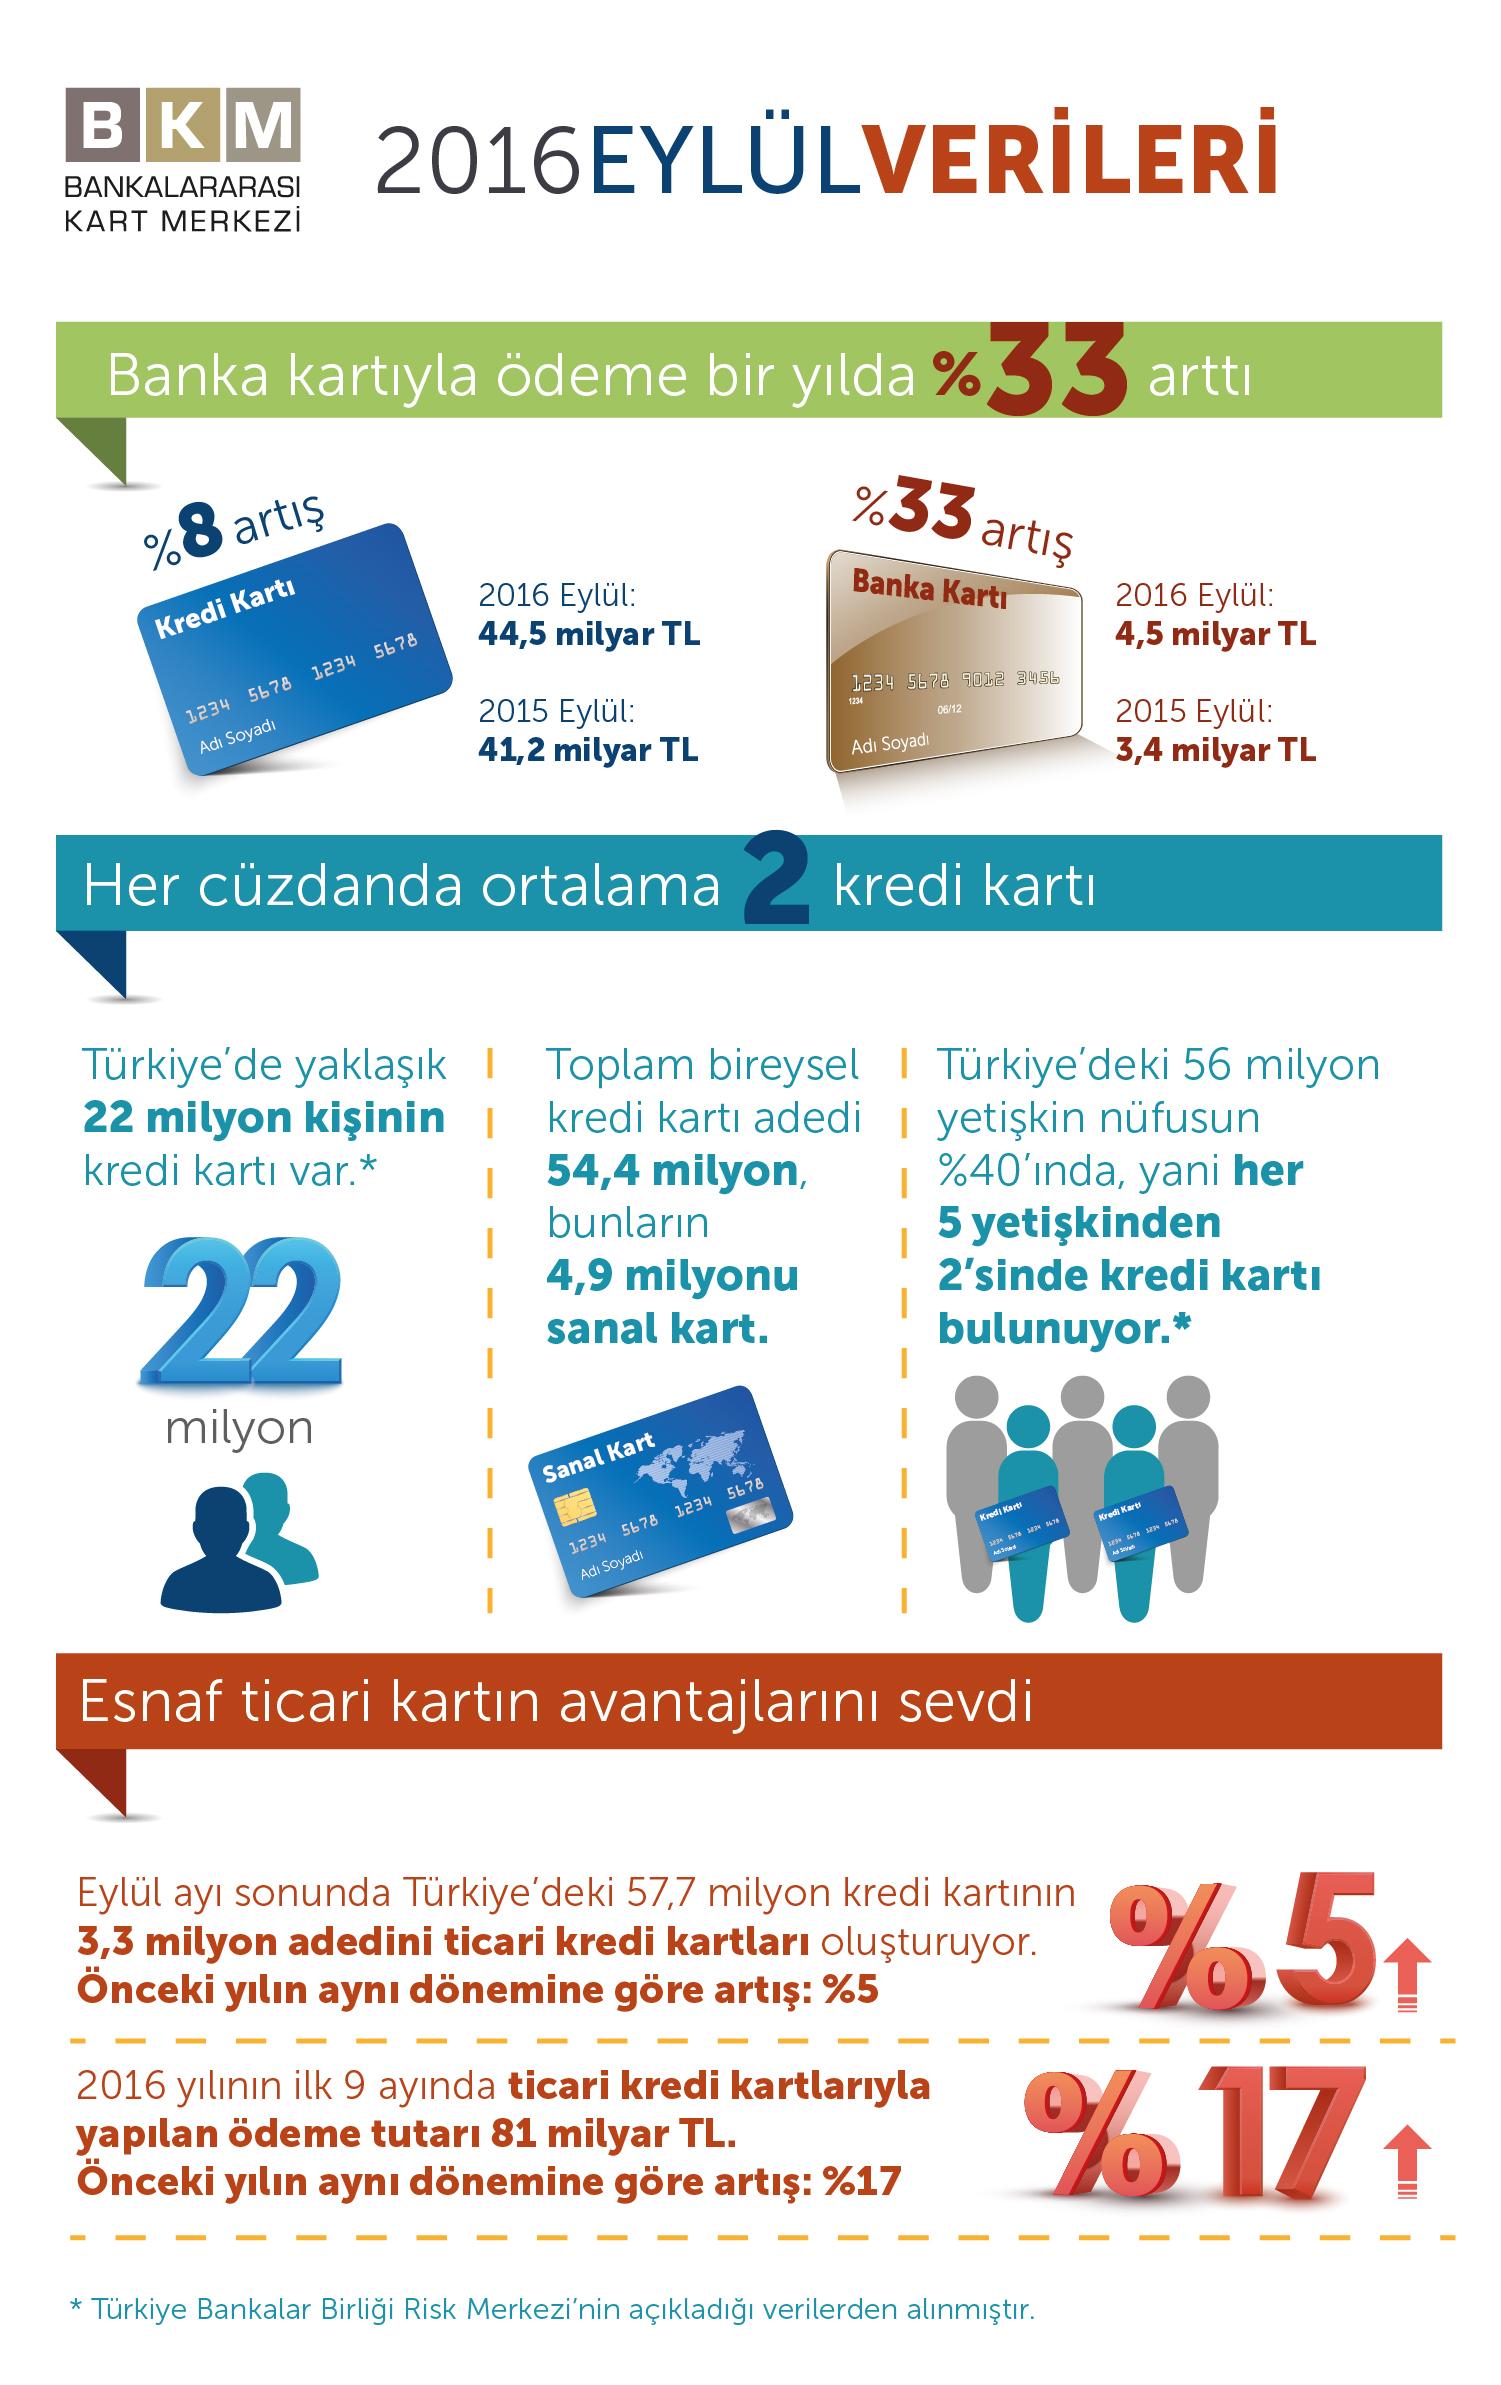 bkm_infografik_eylul_2016